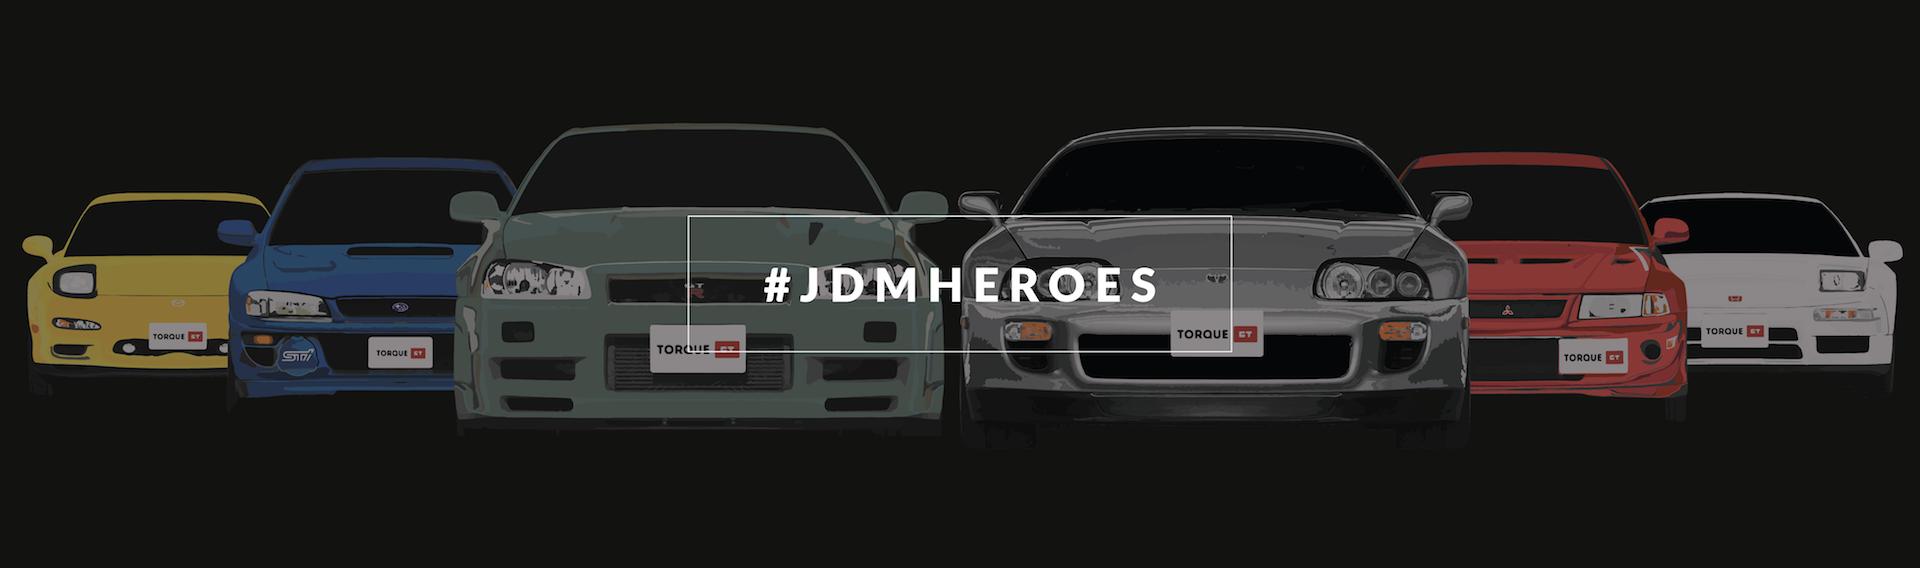 JDM Heroes